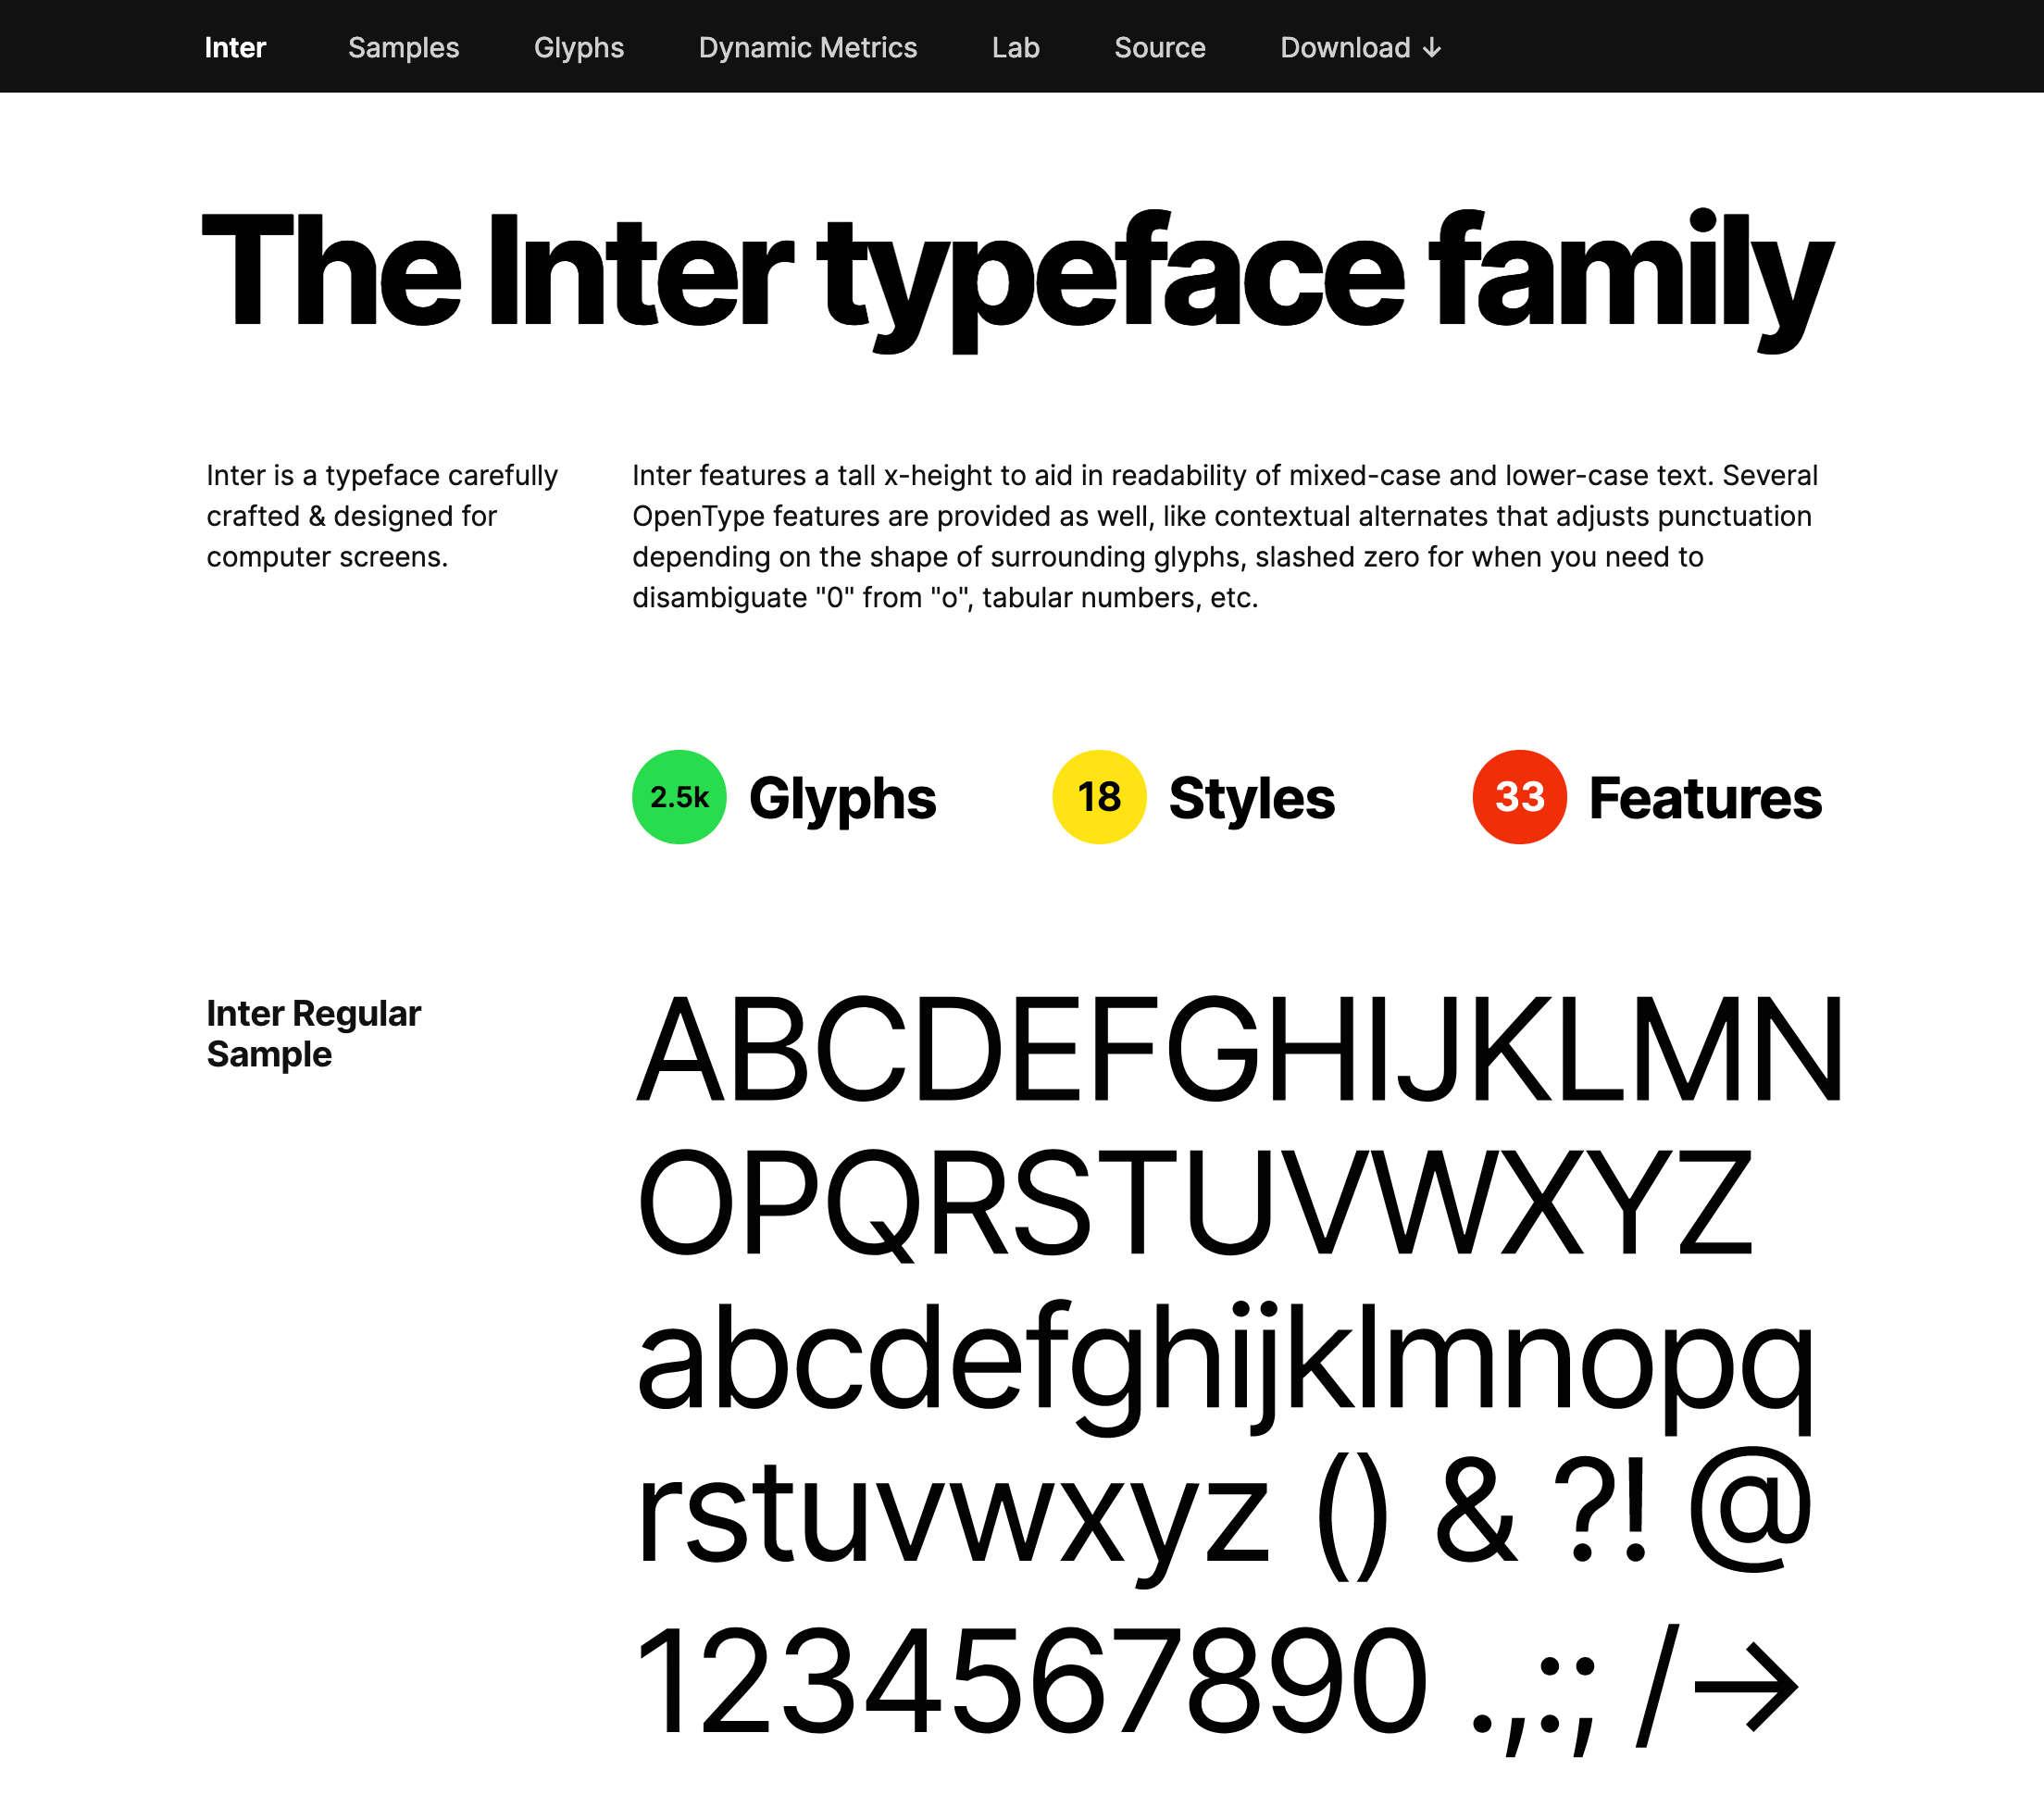 A família Inter typeface